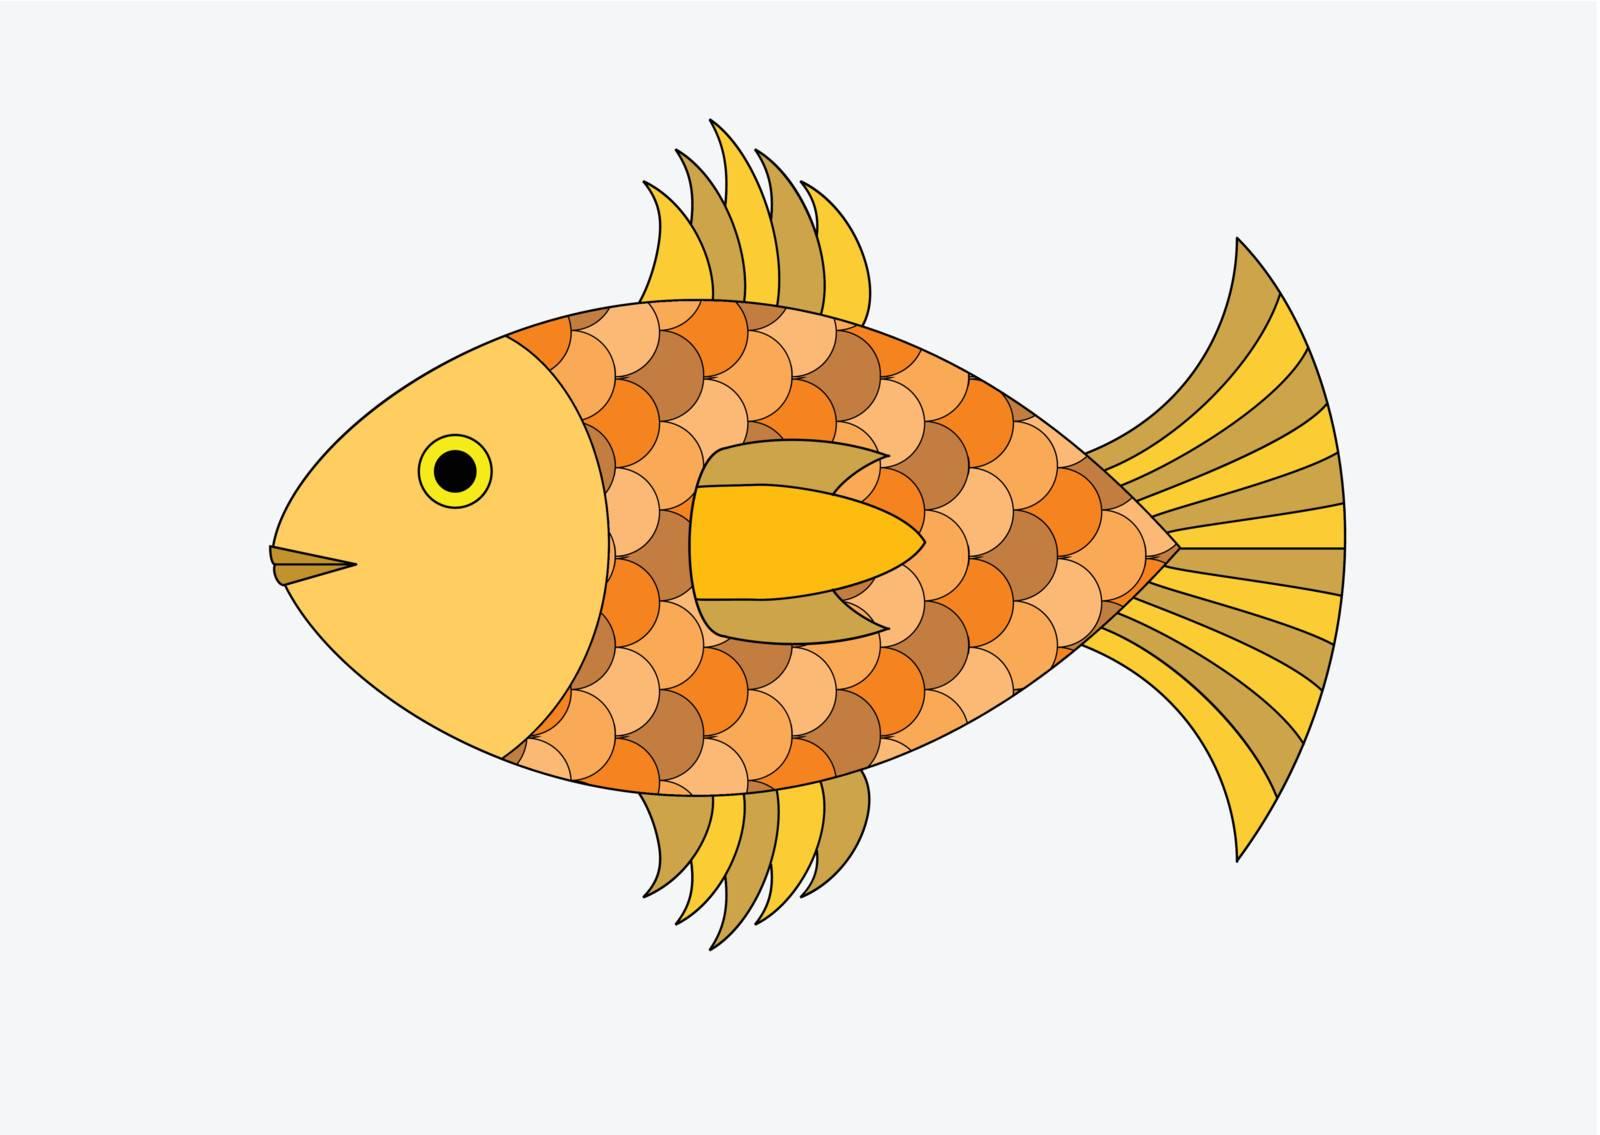 goldfish by TanyaKalm